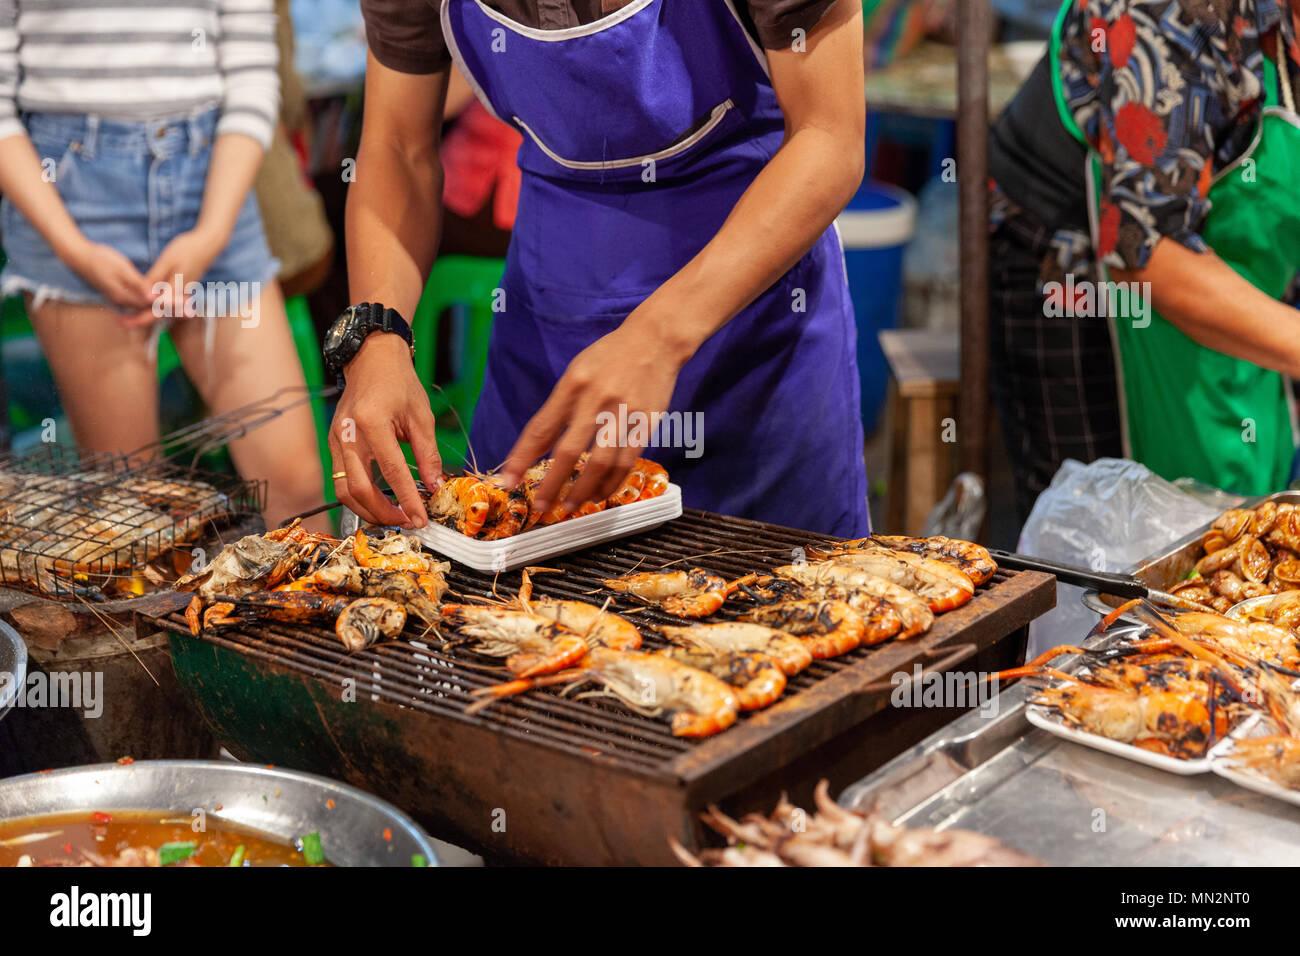 CHIANG MAI, Tailandia - 27 de agosto: el hombre preparar langostinos a la venta en el mercado de sábado por la noche en Chiang Mai (Calle) el 27 de agosto de 2016 en Chian Imagen De Stock